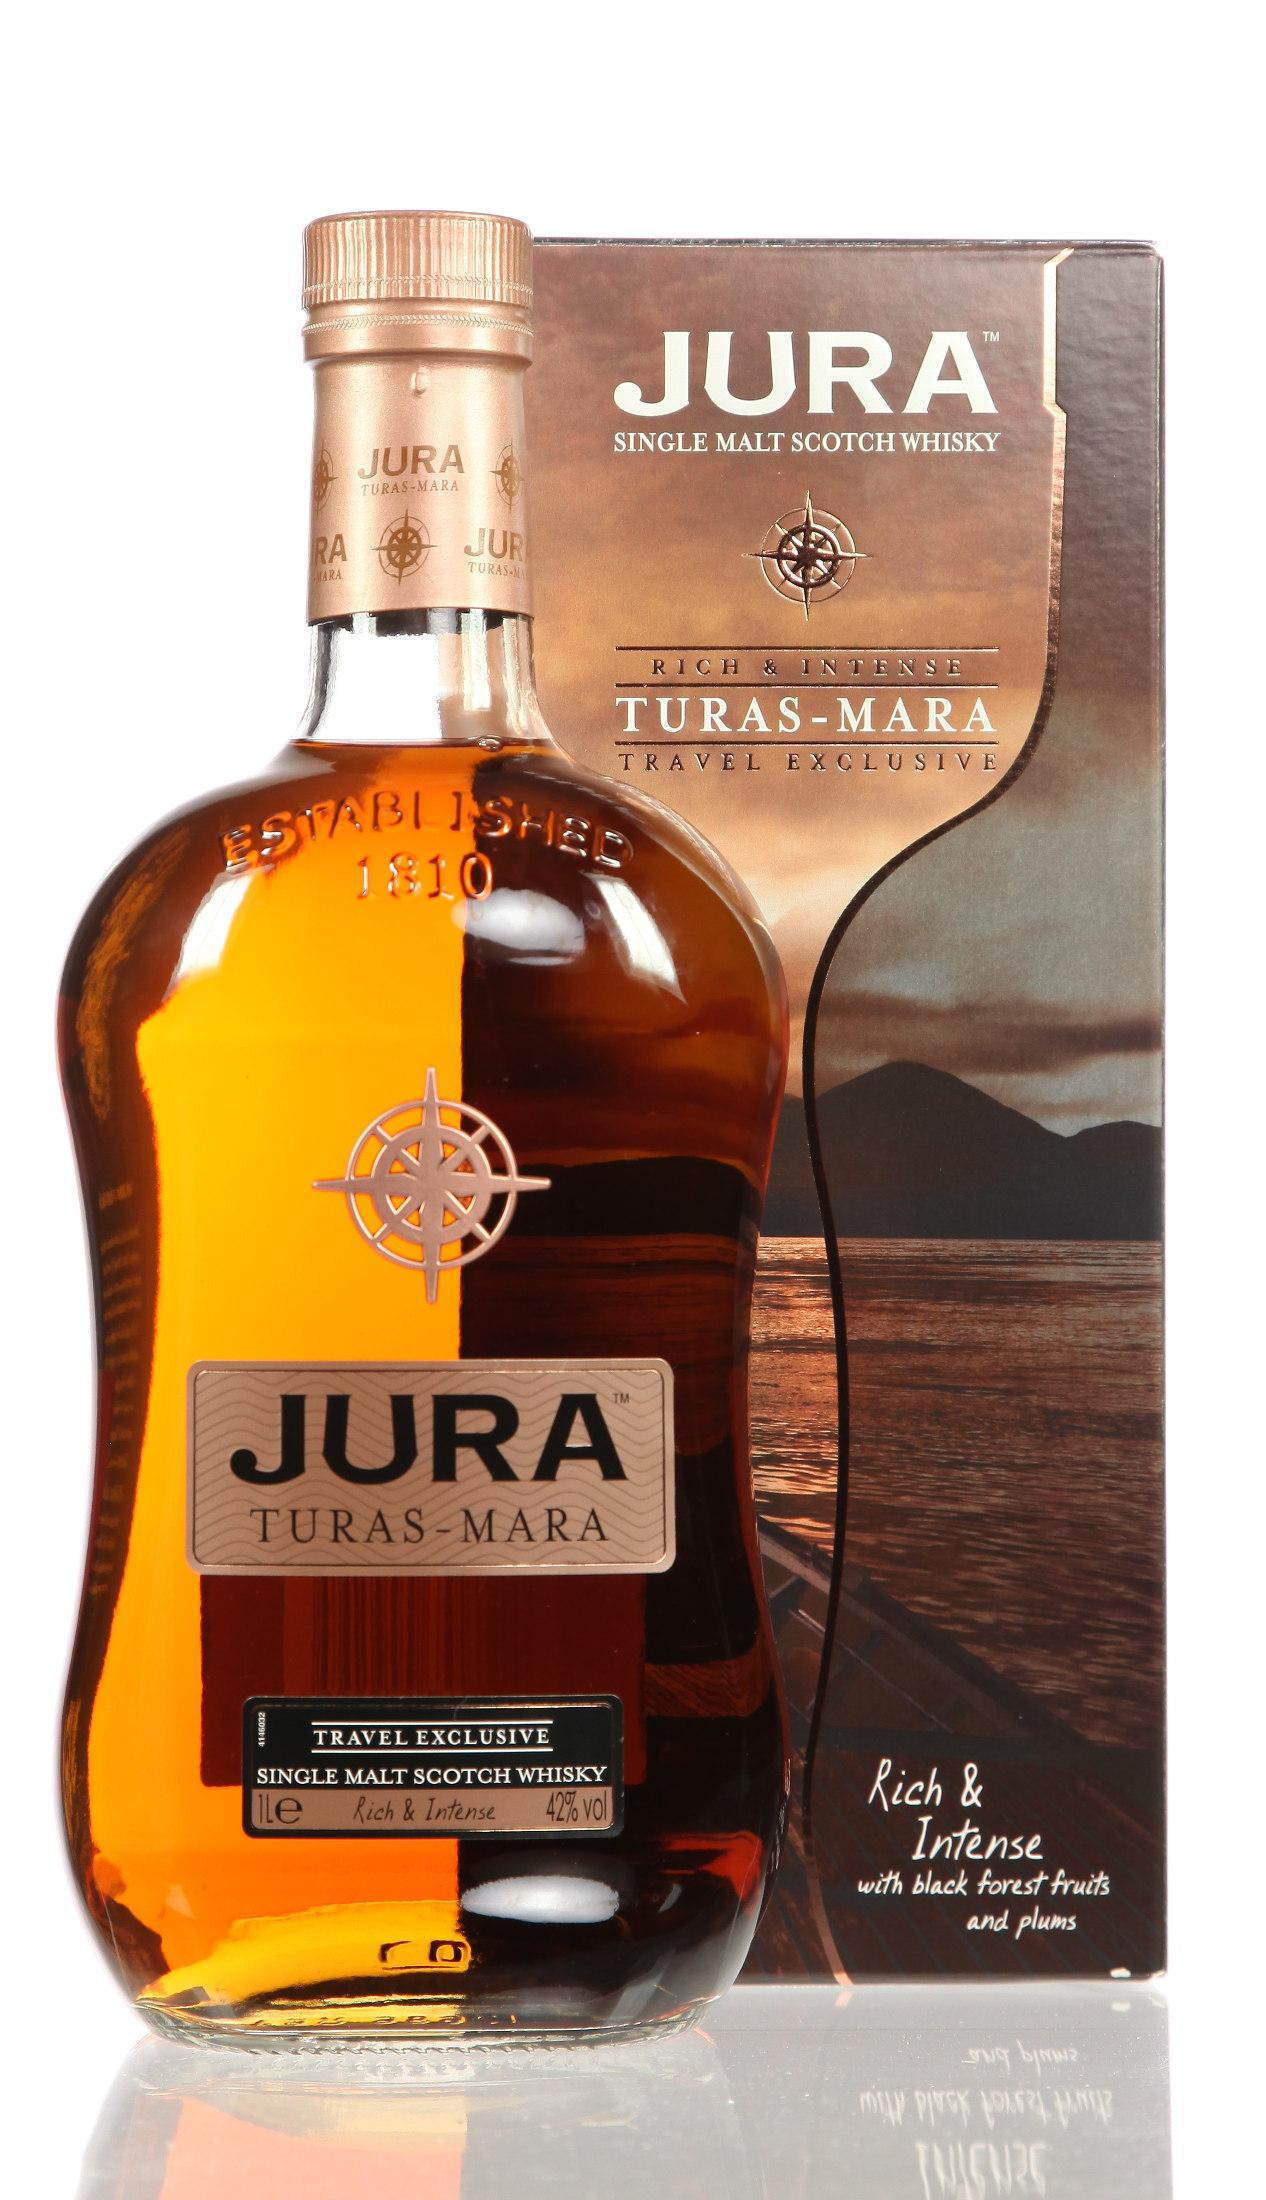 Jura Turas-Mara